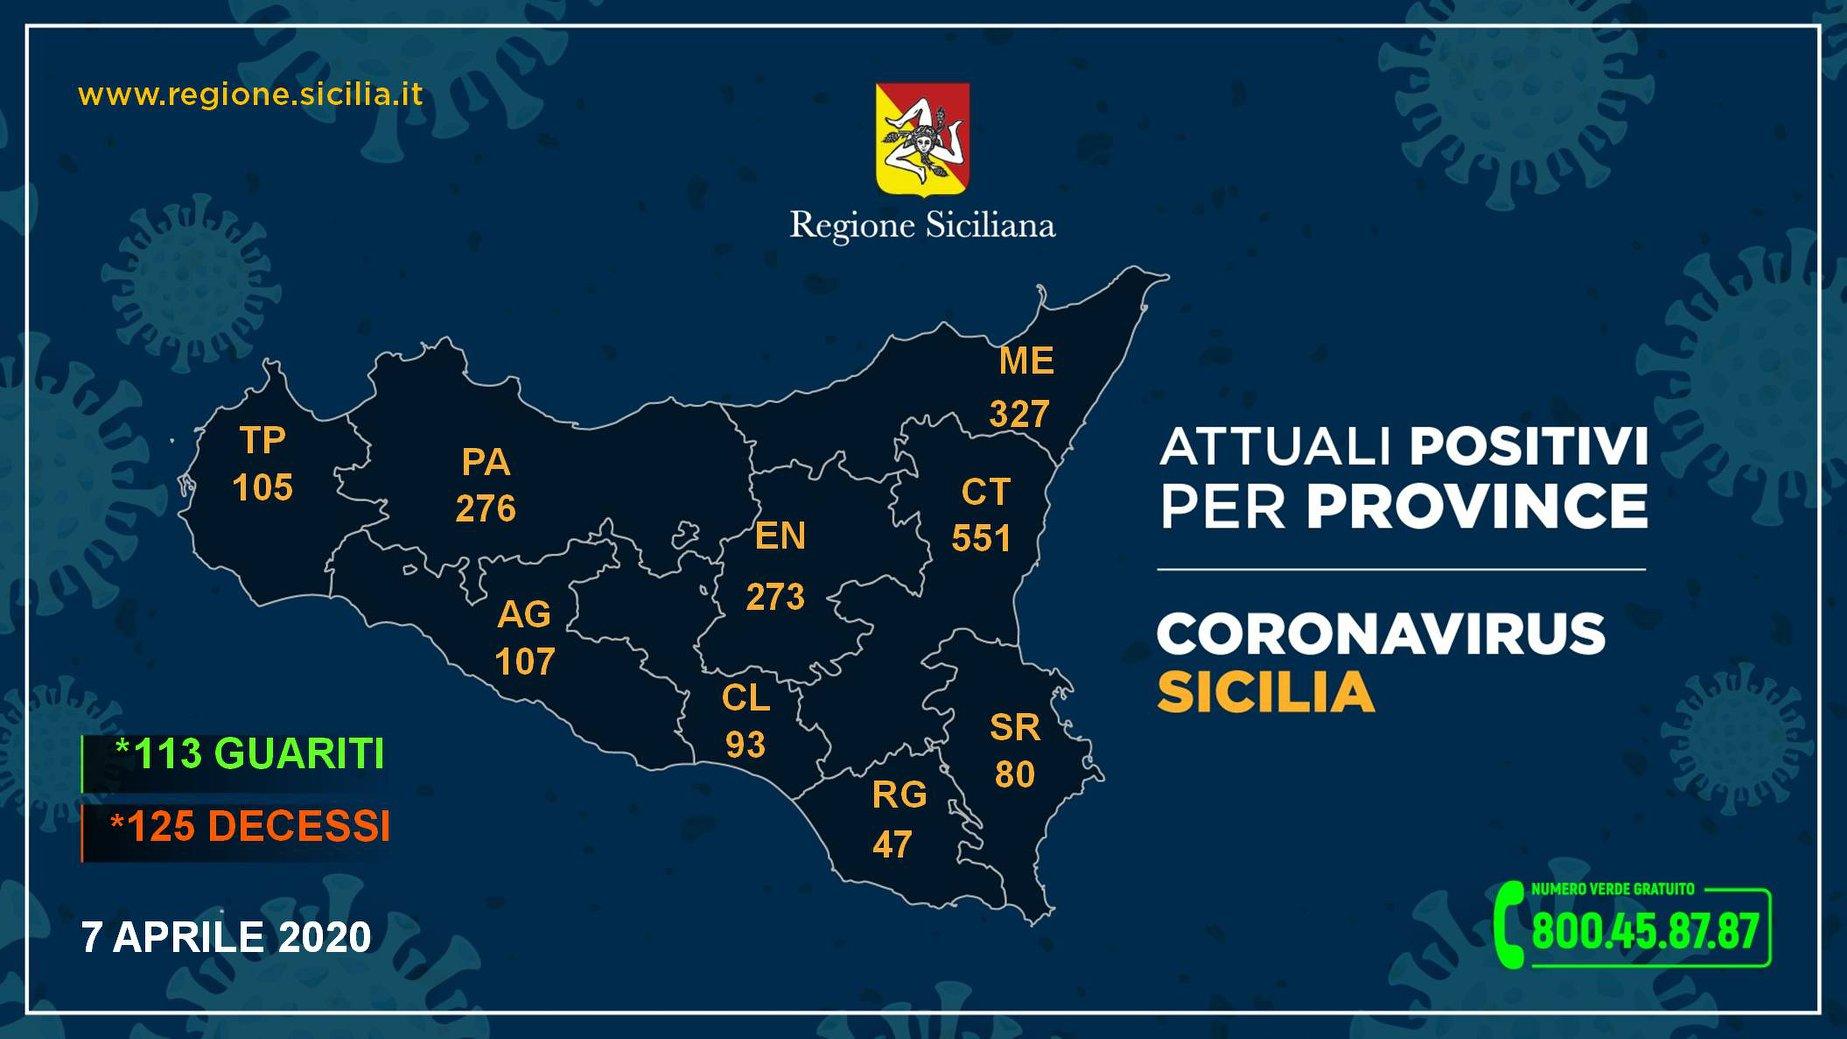 Ecco i casi di Coronavirus riscontrati nelle varie province siciliane 7 aprile